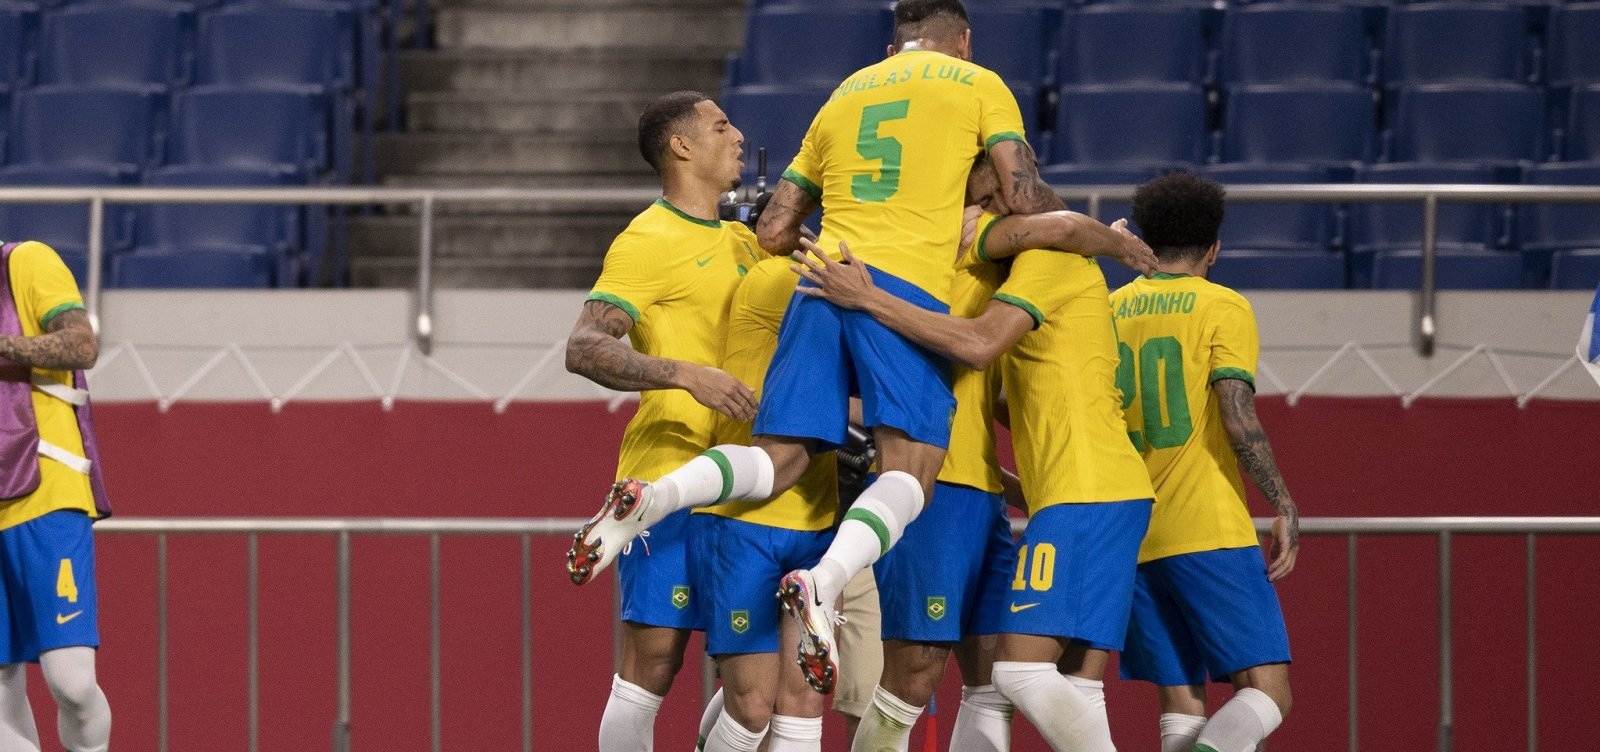 Brasil vence o Egito por 1 a 0 e avança às semifinais nas Olimpíadas